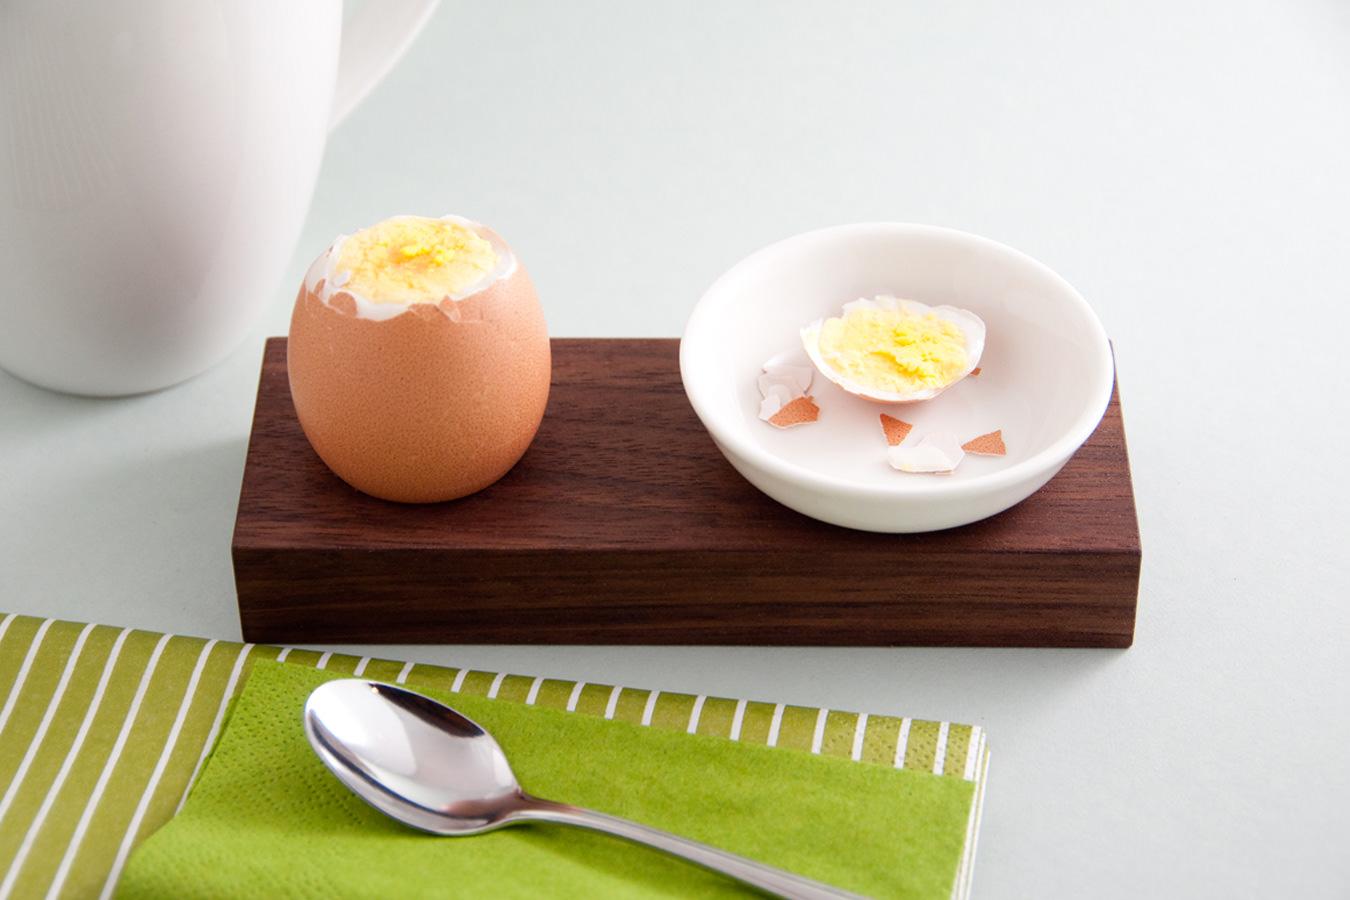 Messerleiste und Eierbecher